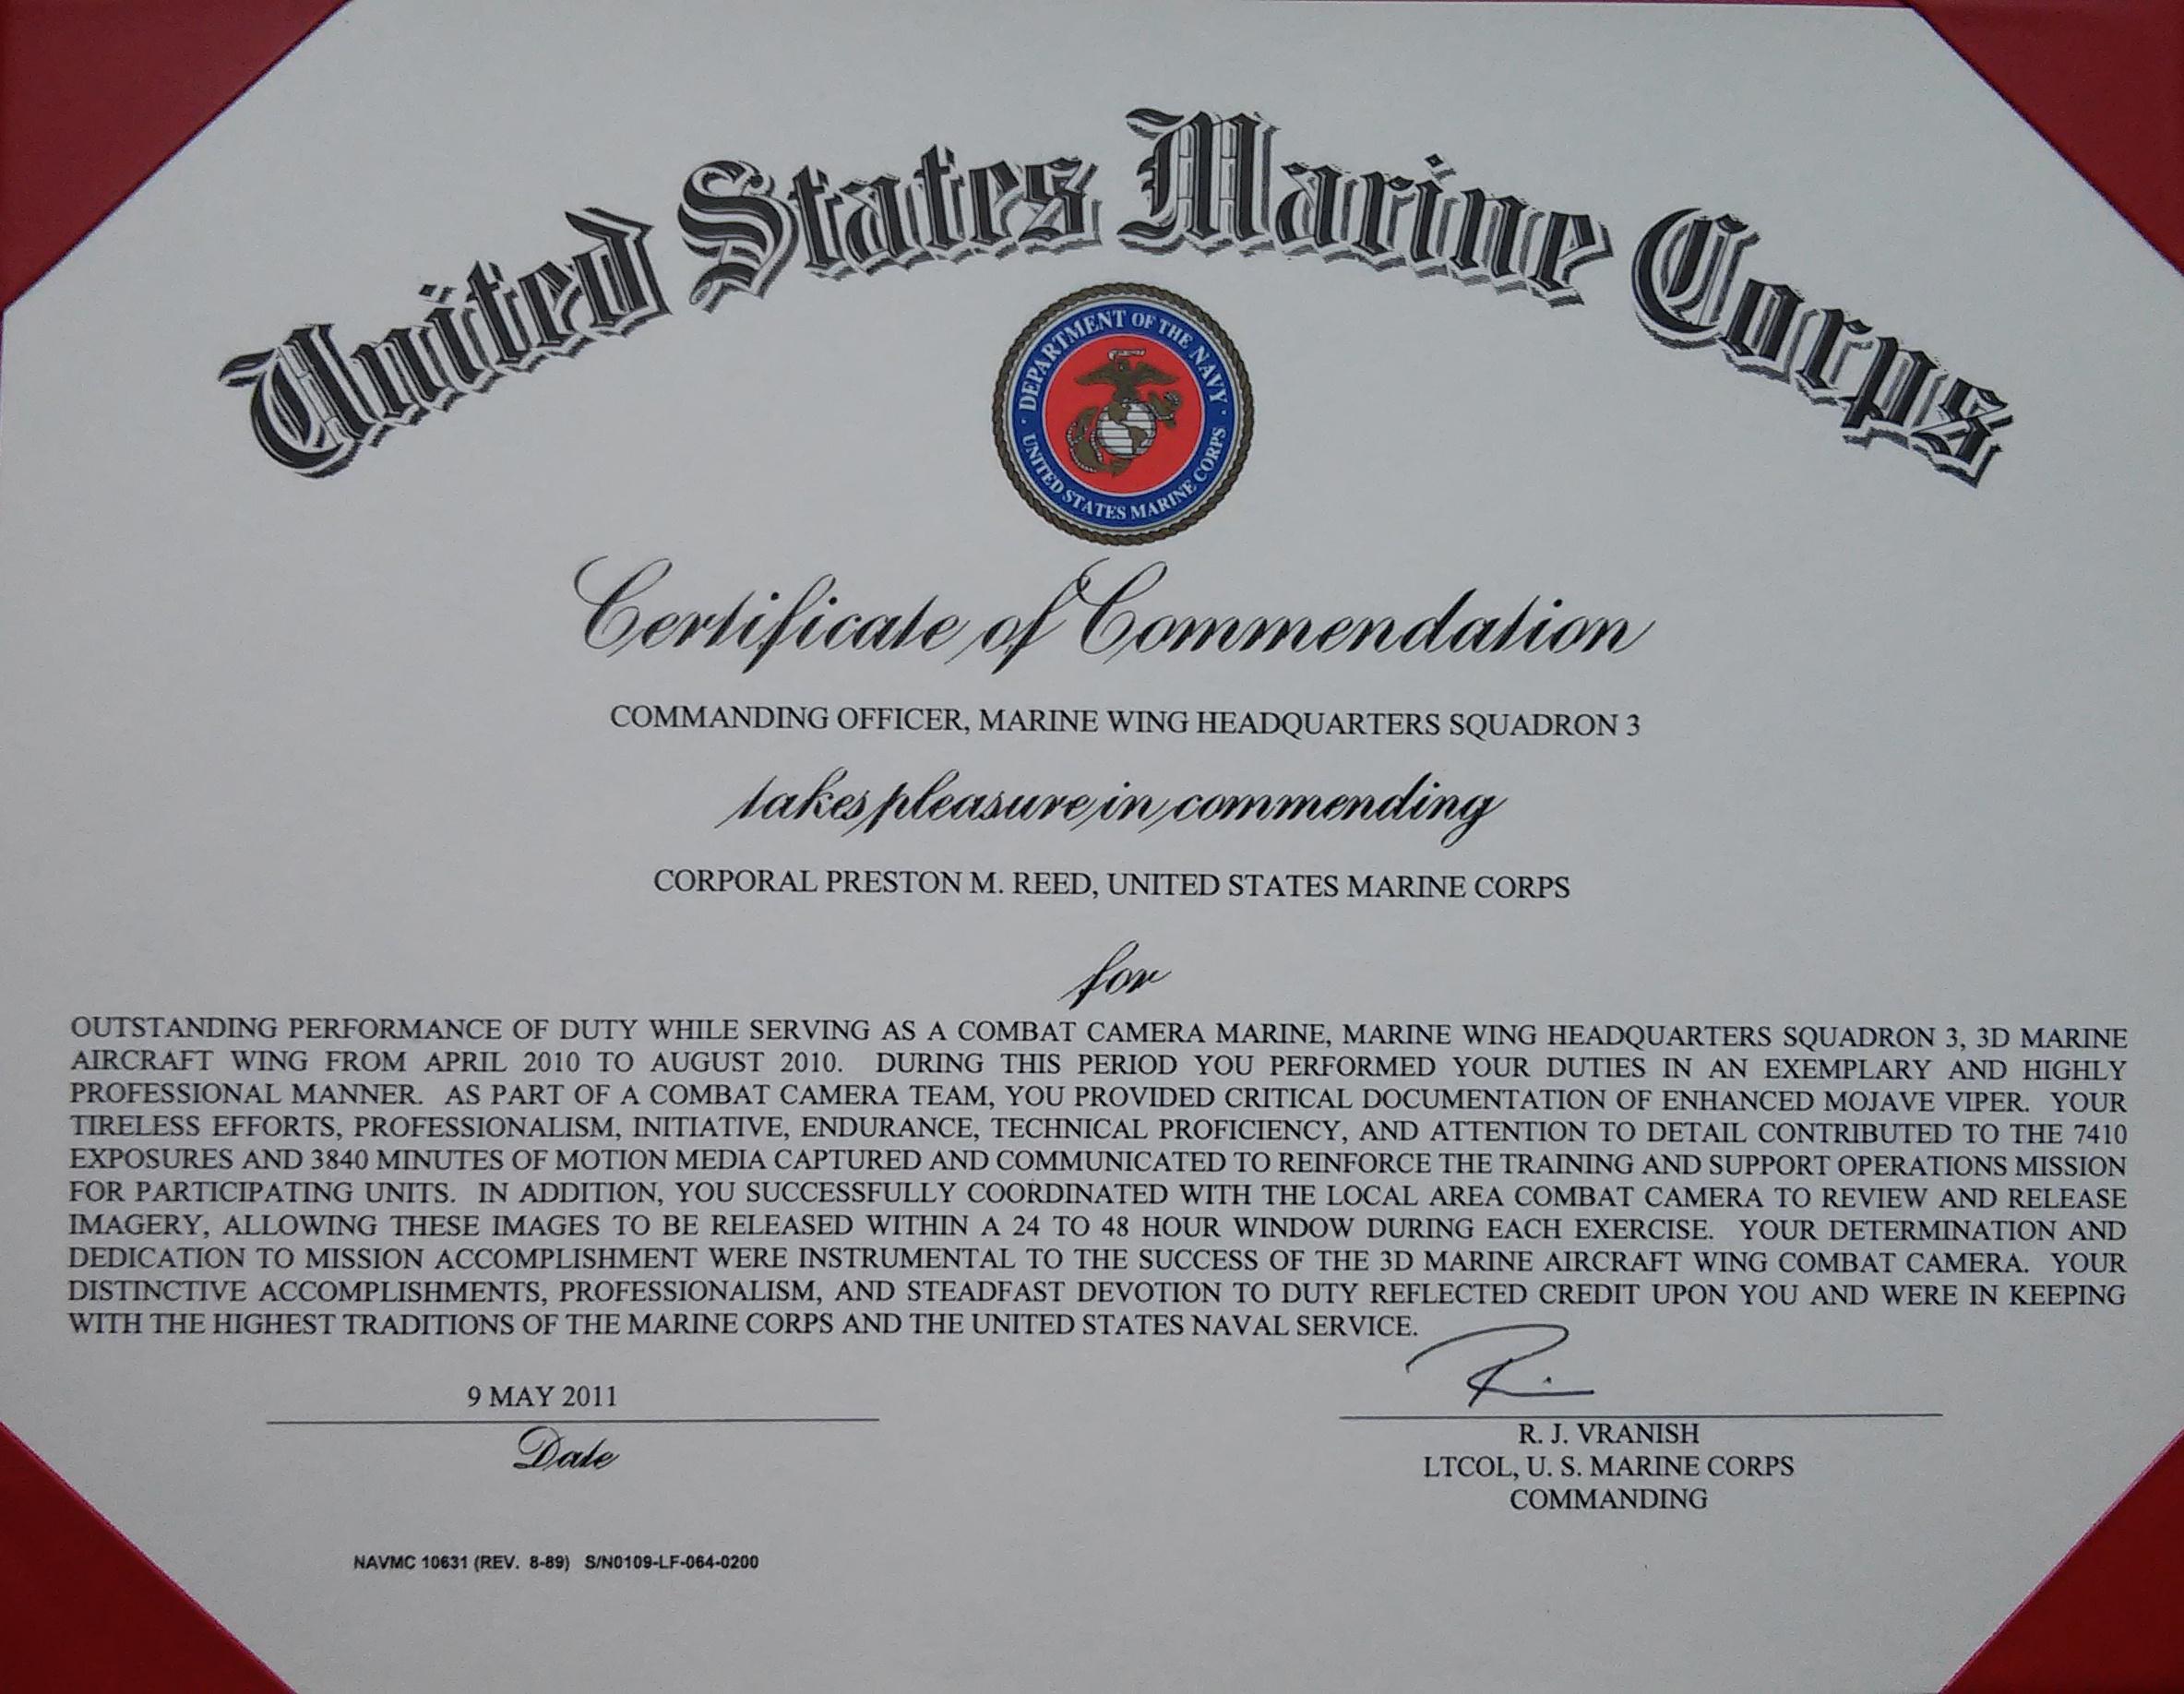 usmc certificate template - Kubre.euforic.co